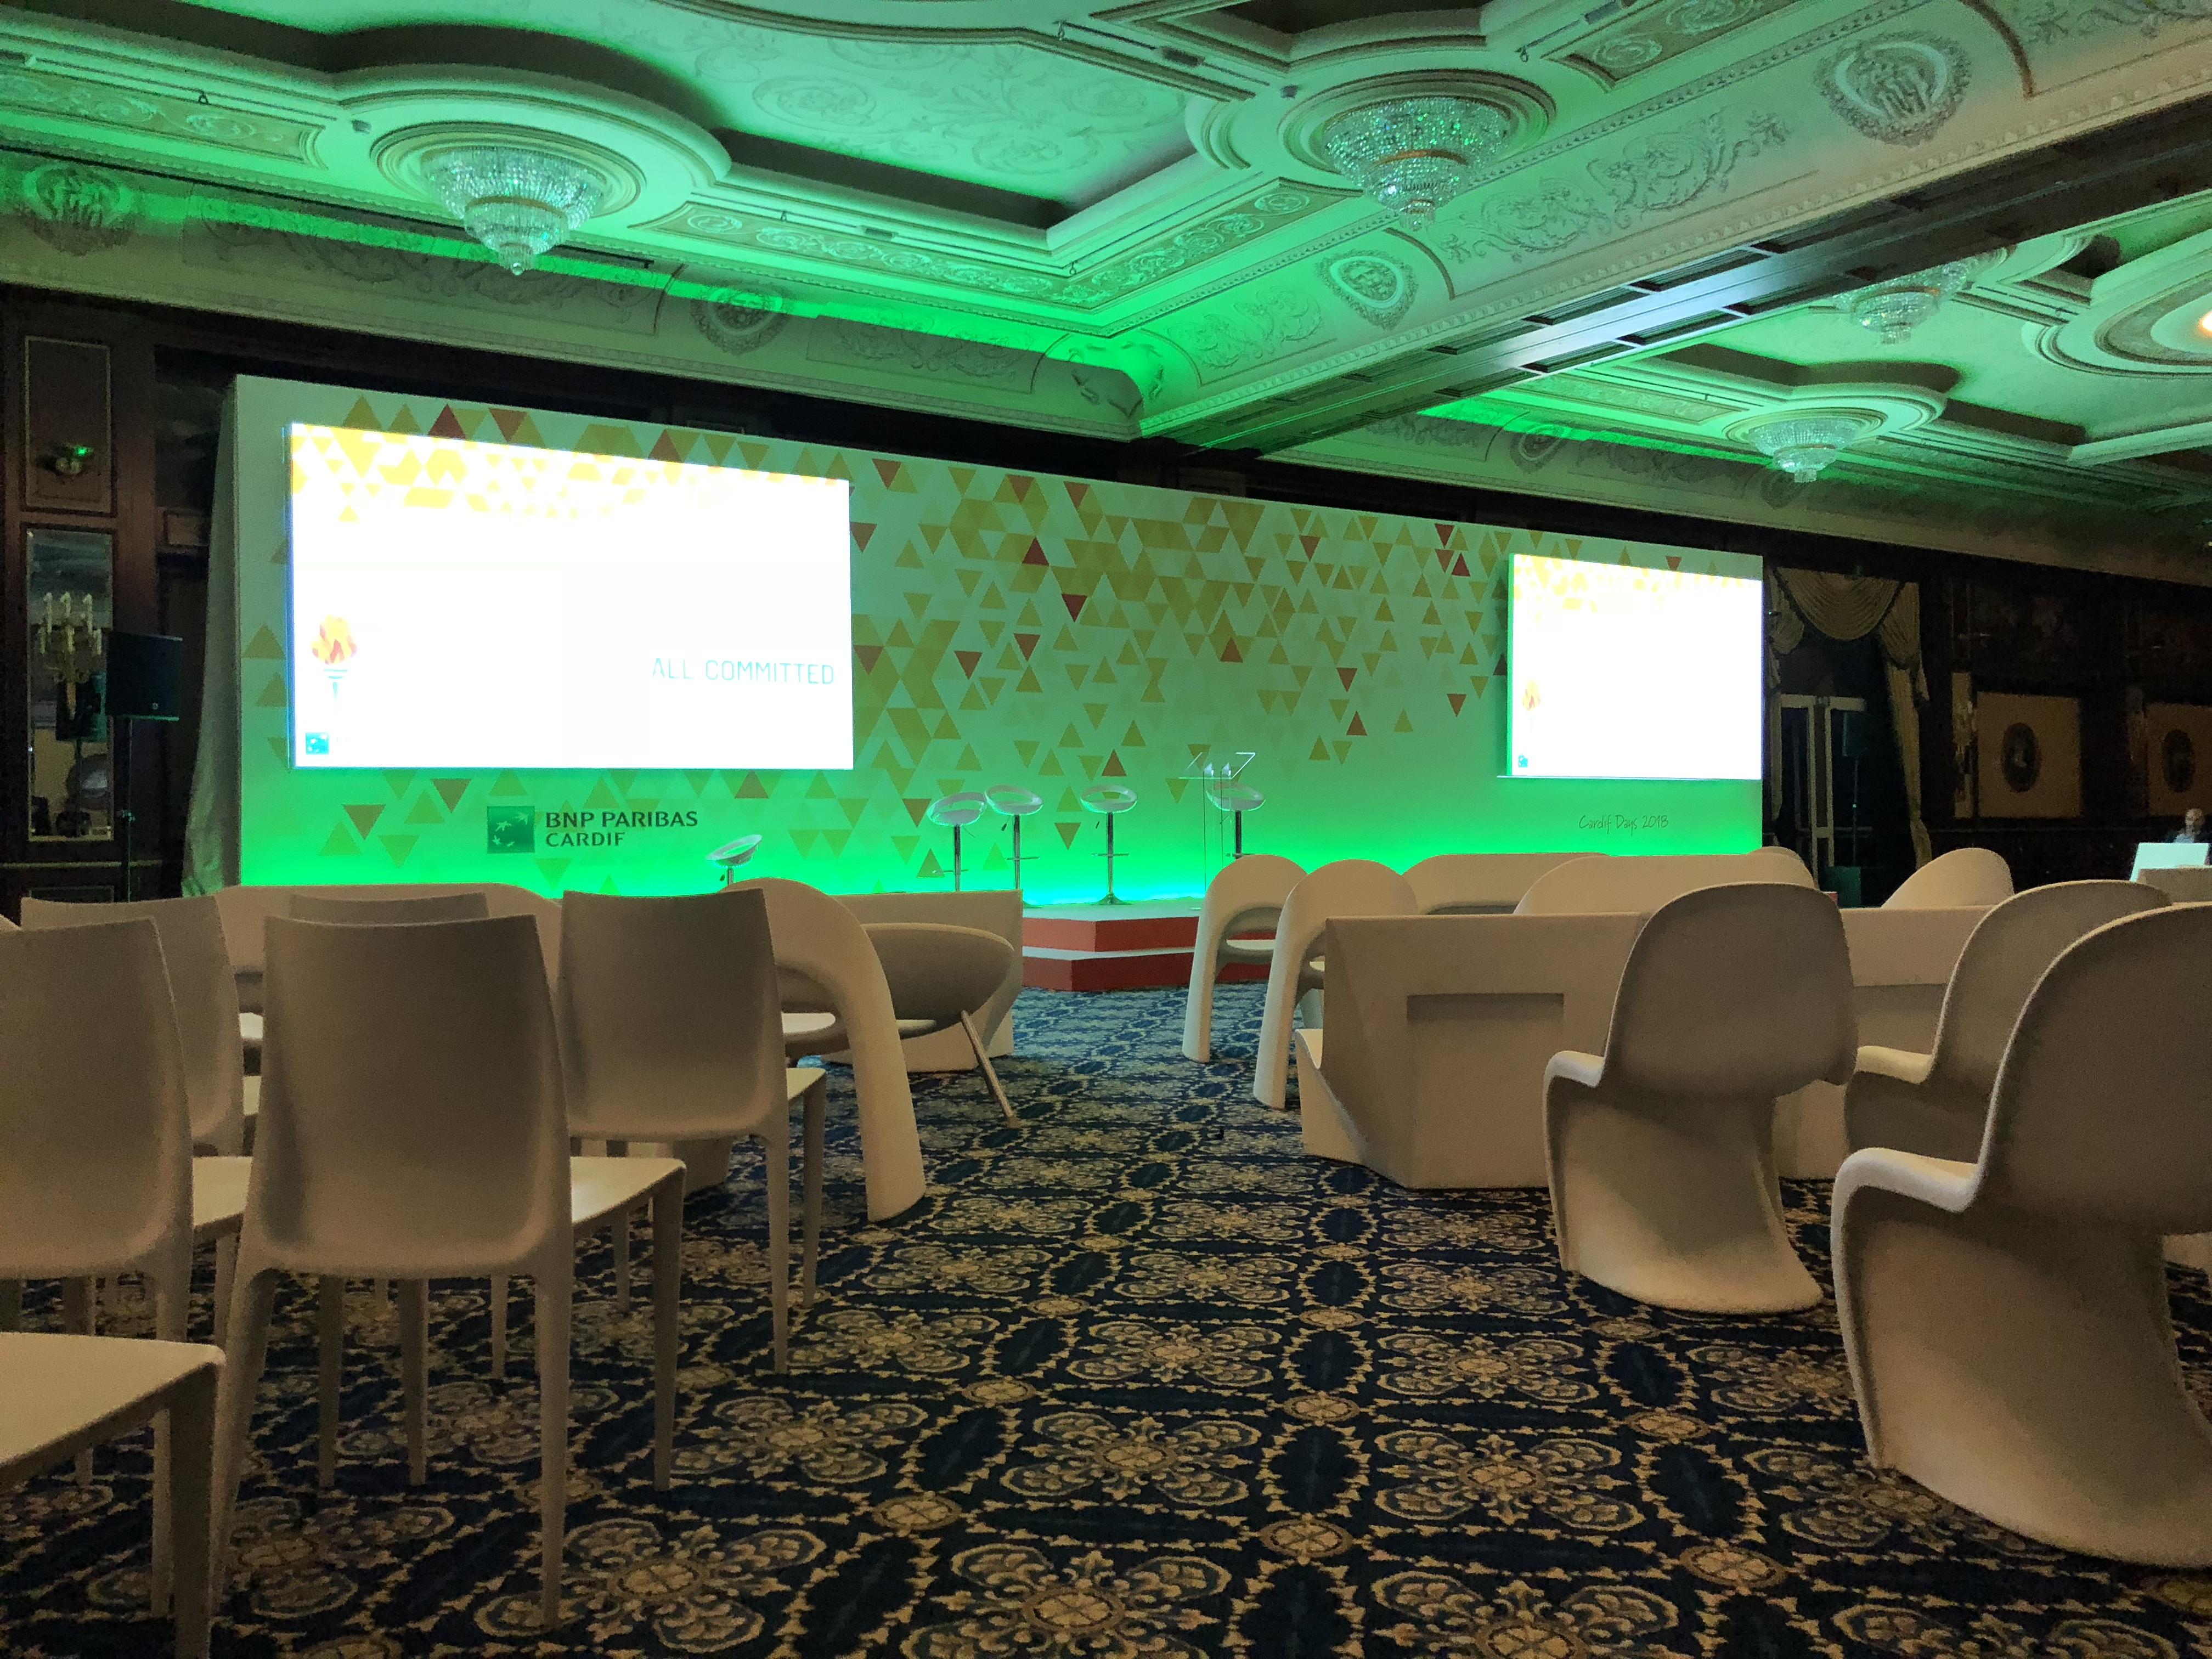 aucop-event-twobevents-son-video-deco-scene-lac majeur-bnp paribas-evenementiel-audiovisuel-italie-Samsung LED 40-Projecteur Christie Roadster-console grand ma-prolight lumipix